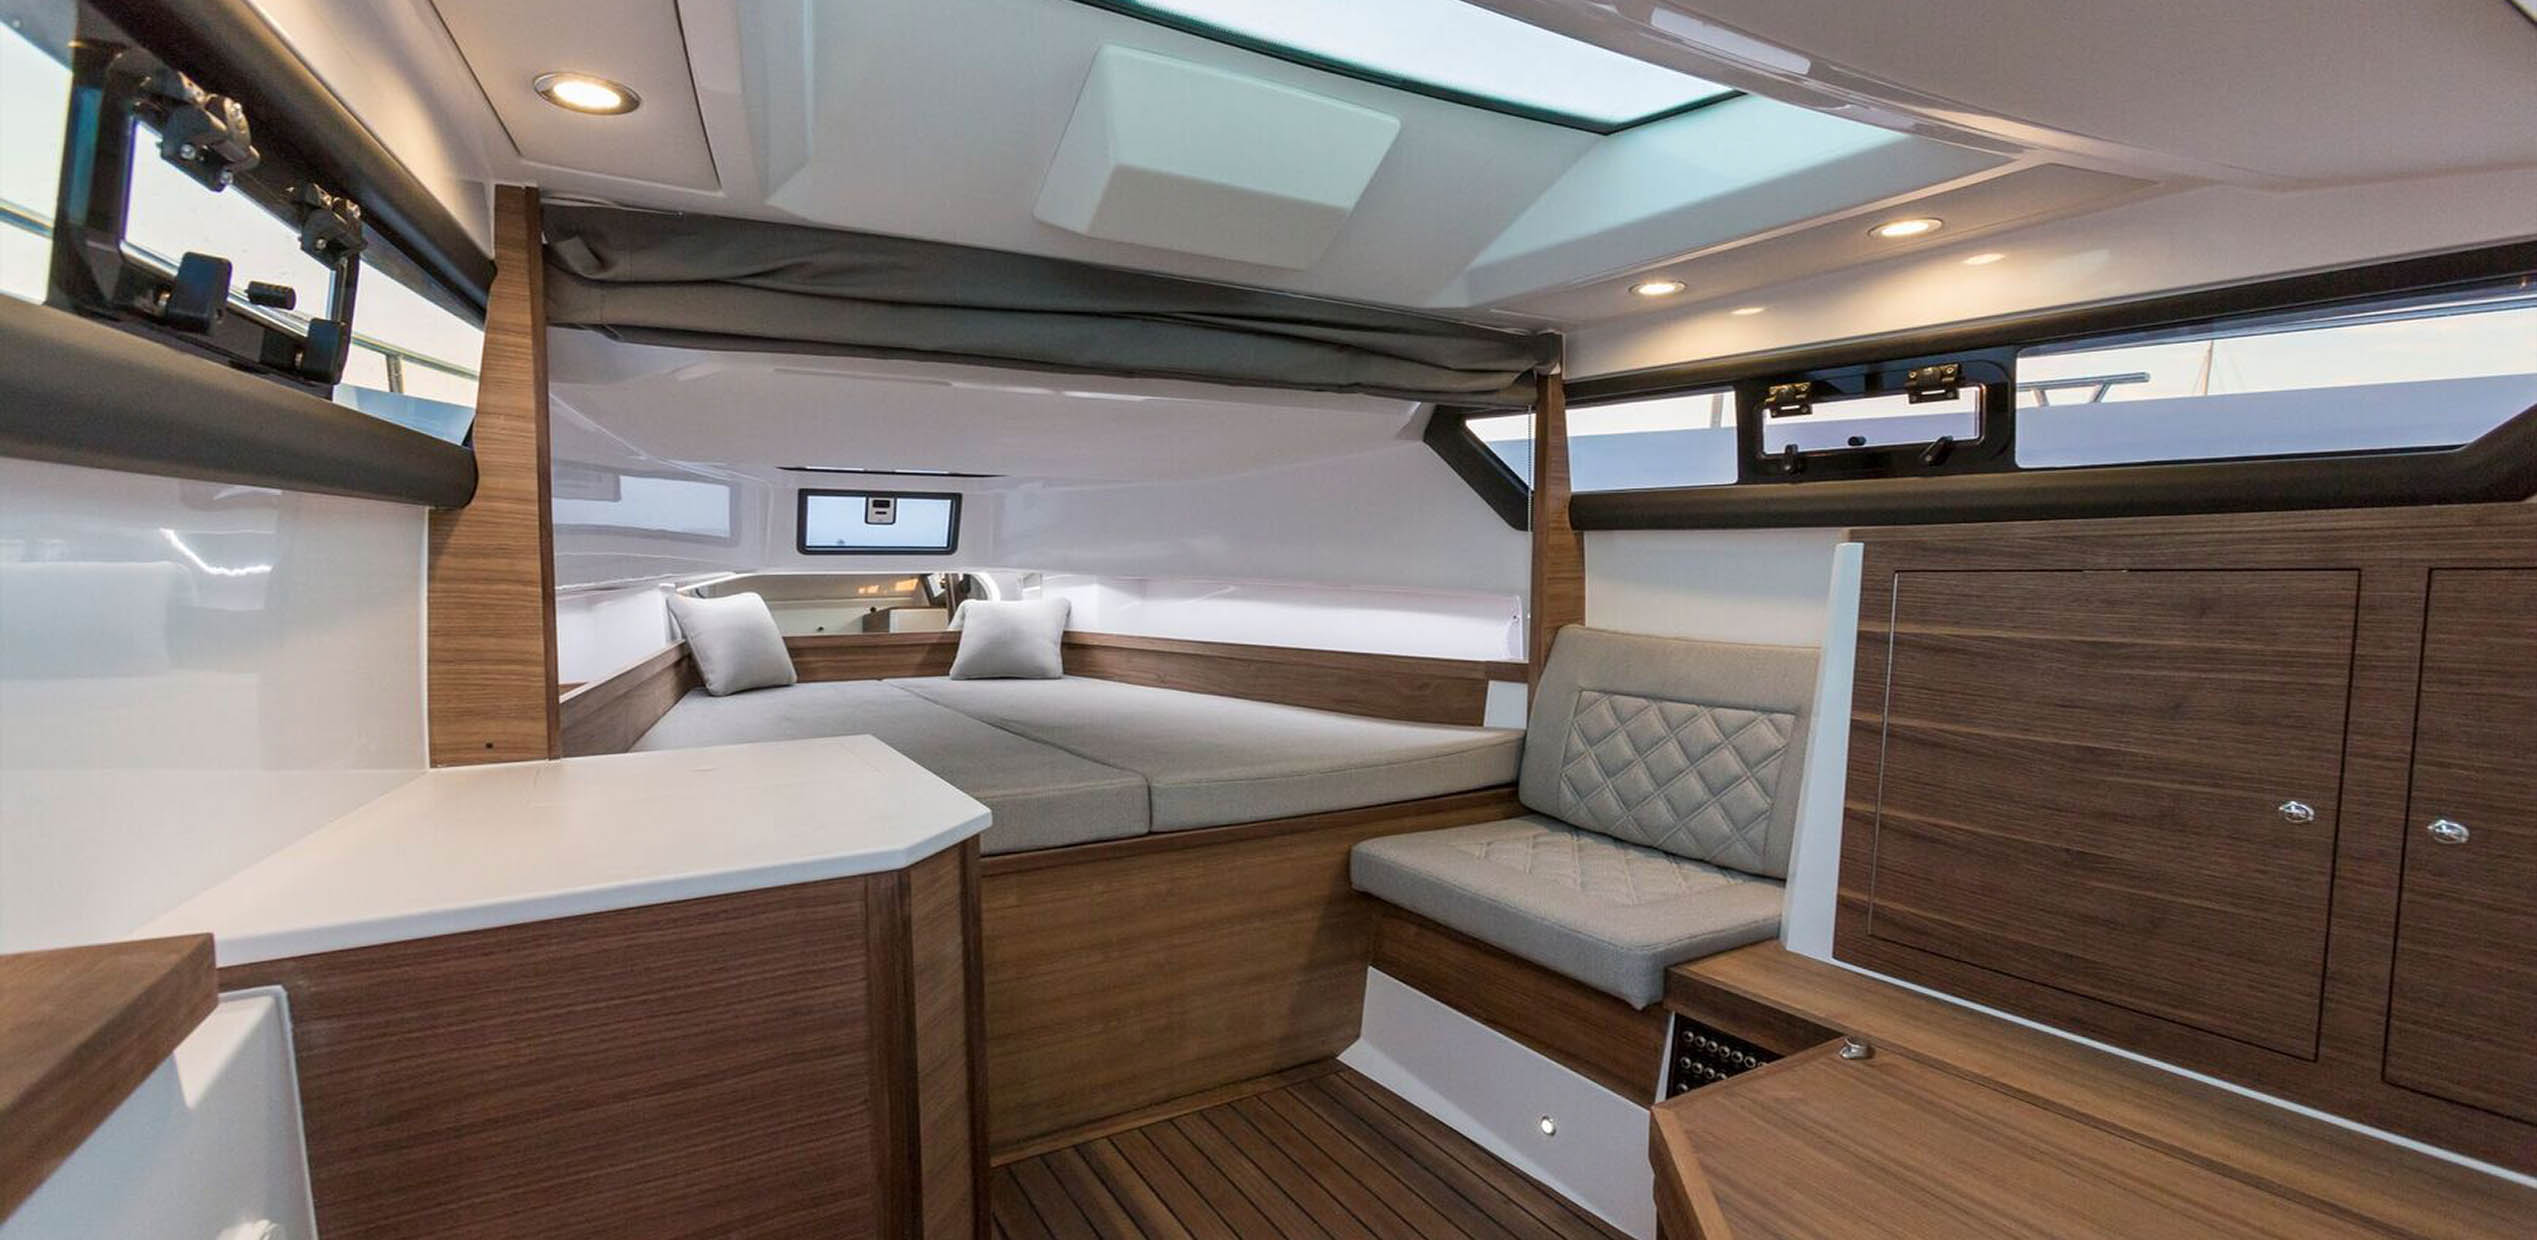 Axopar-boats-interior